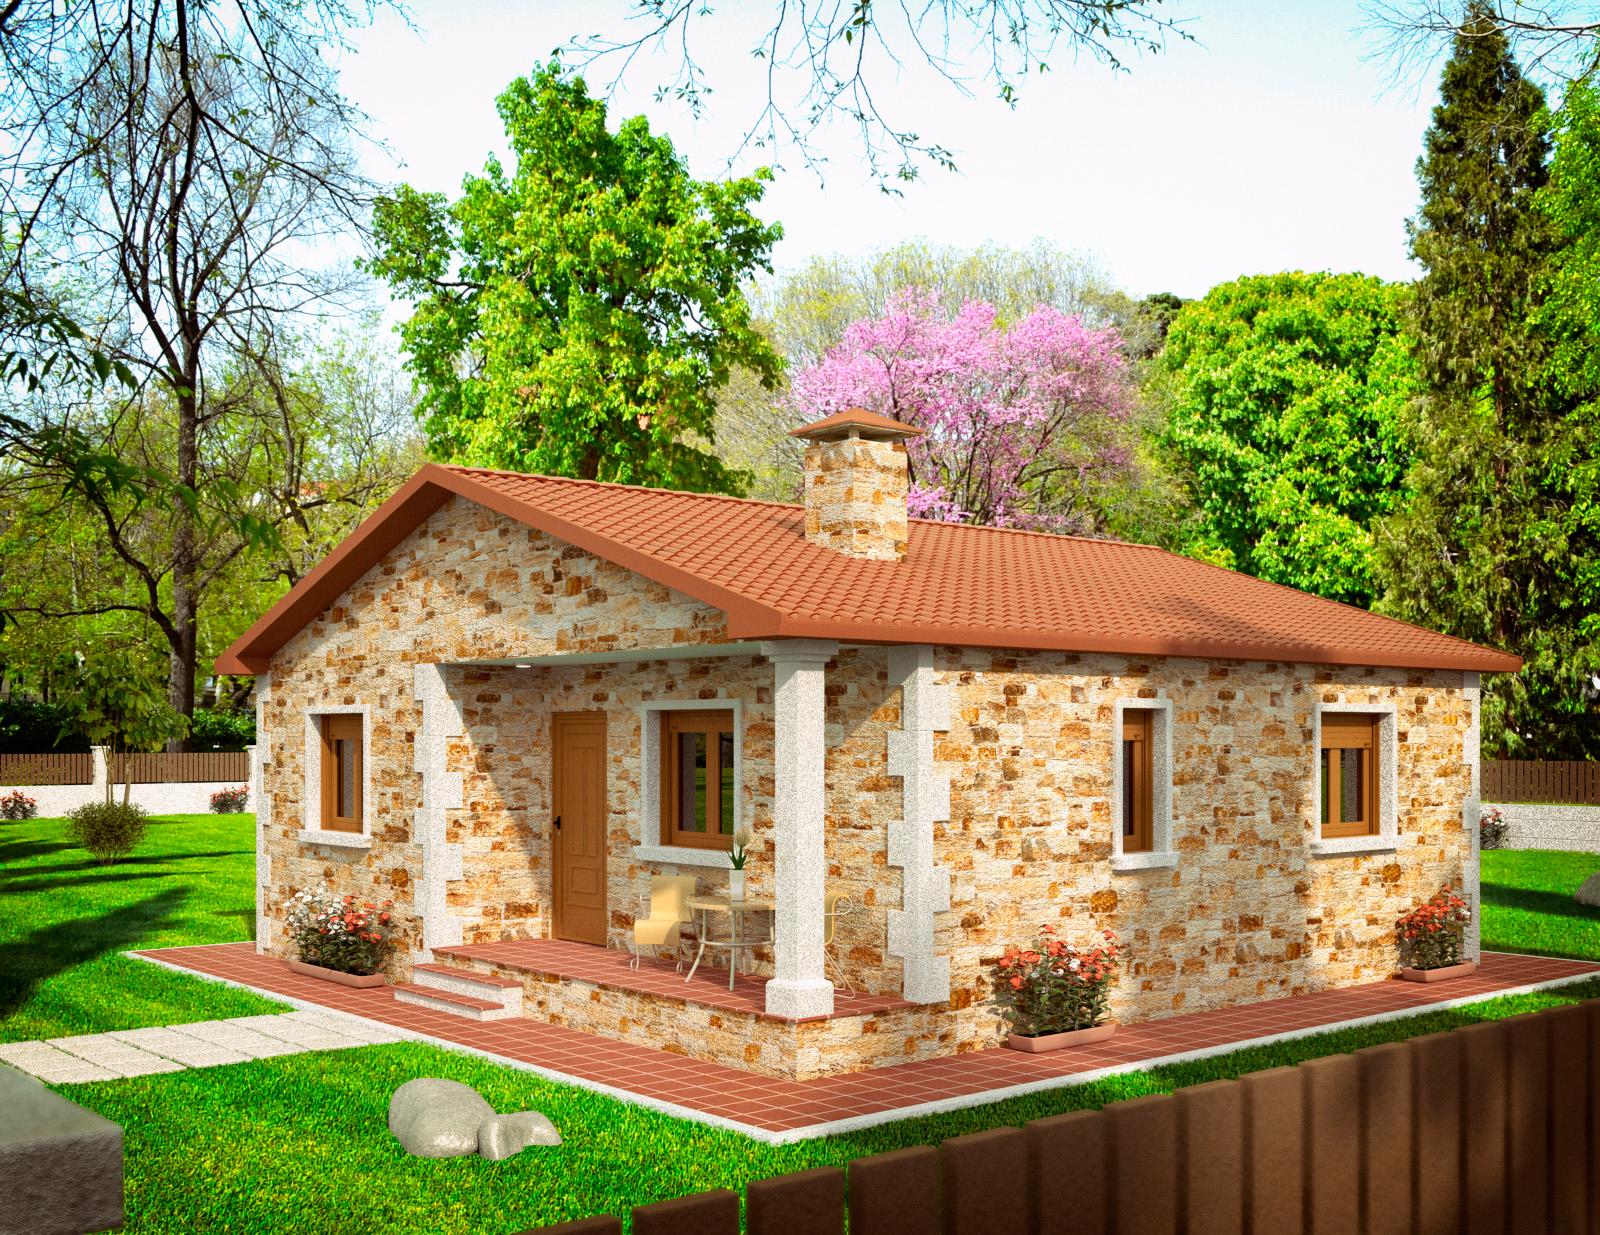 Casas de piedra rusticas dise os arquitect nicos - Fotos de casas rusticas ...